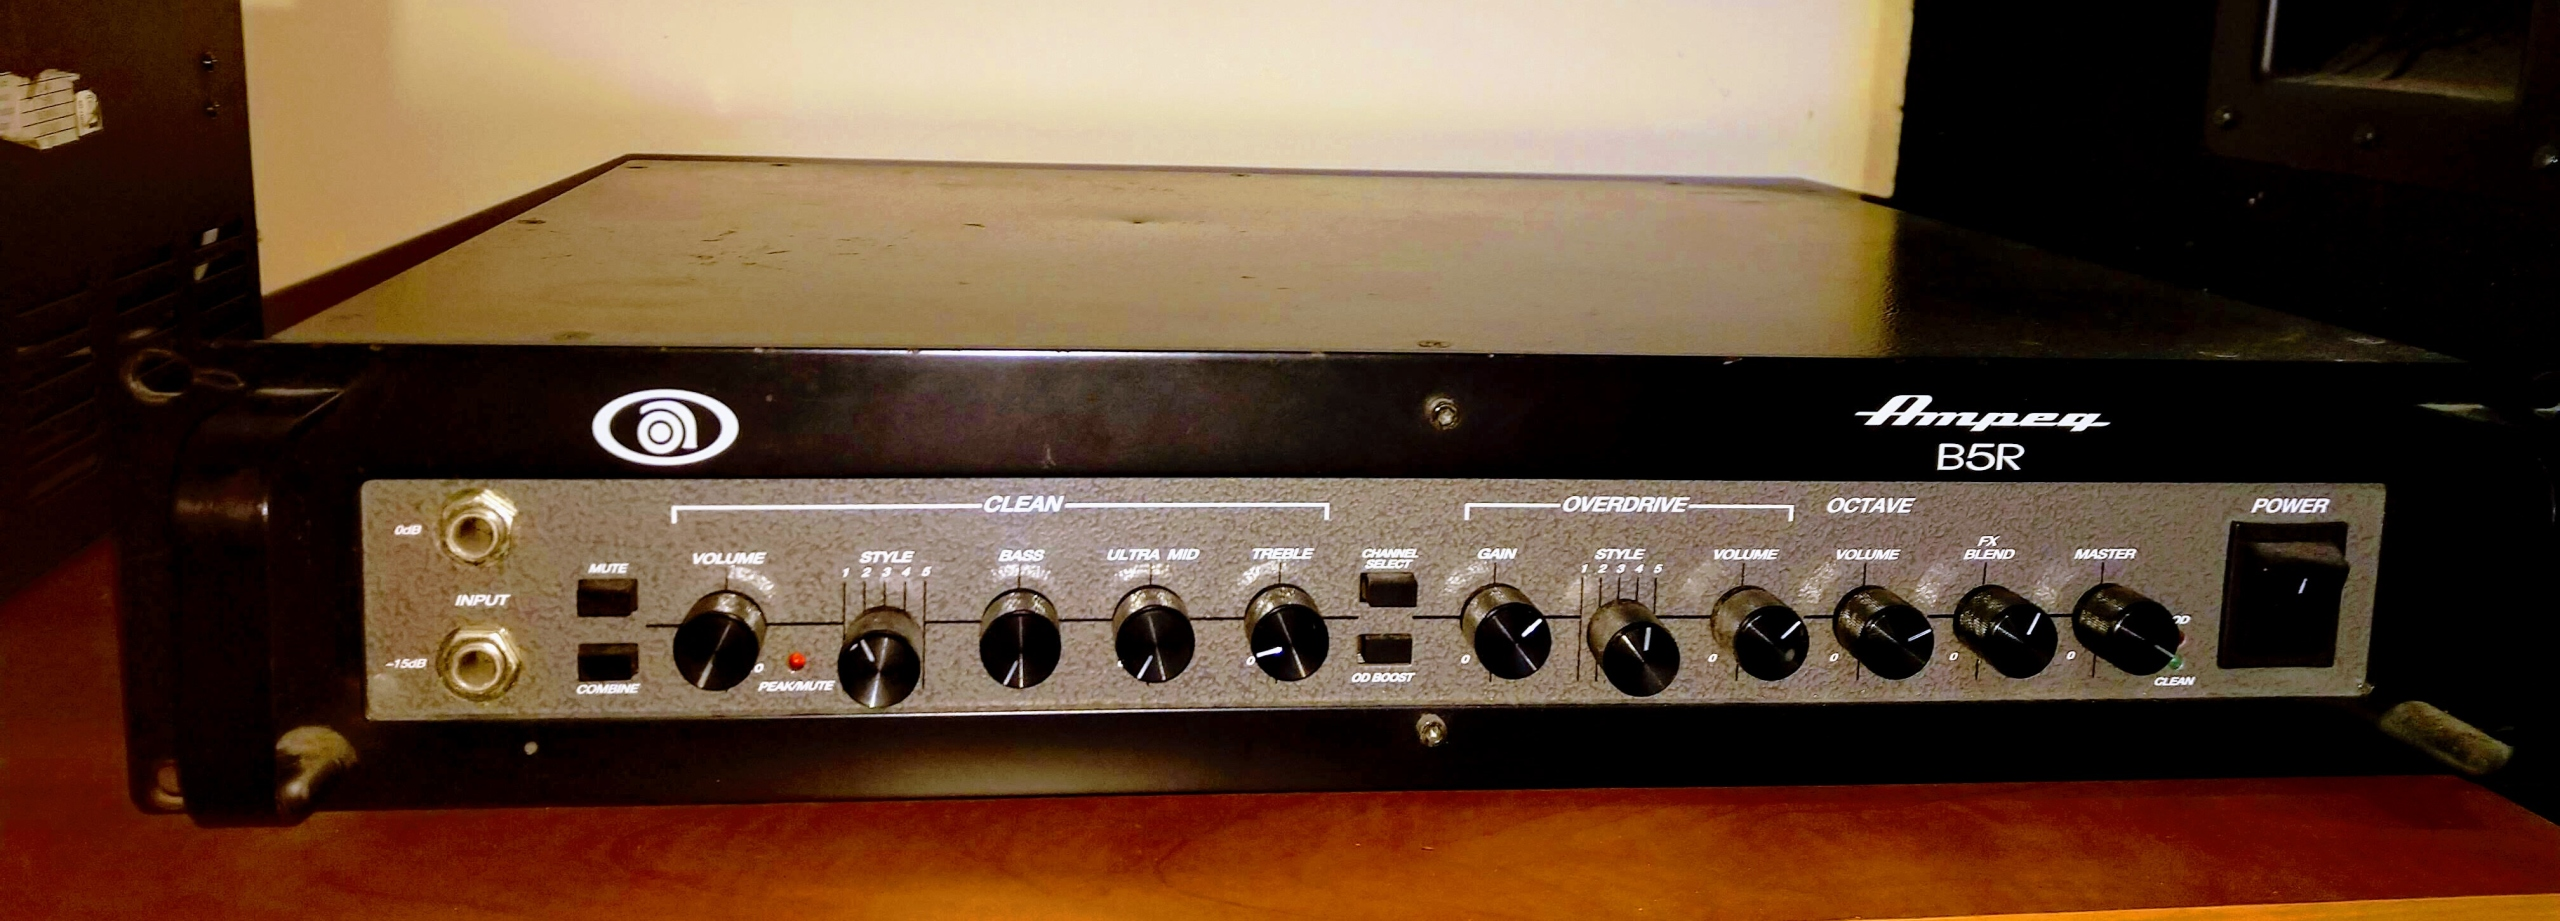 AMPEG B5R